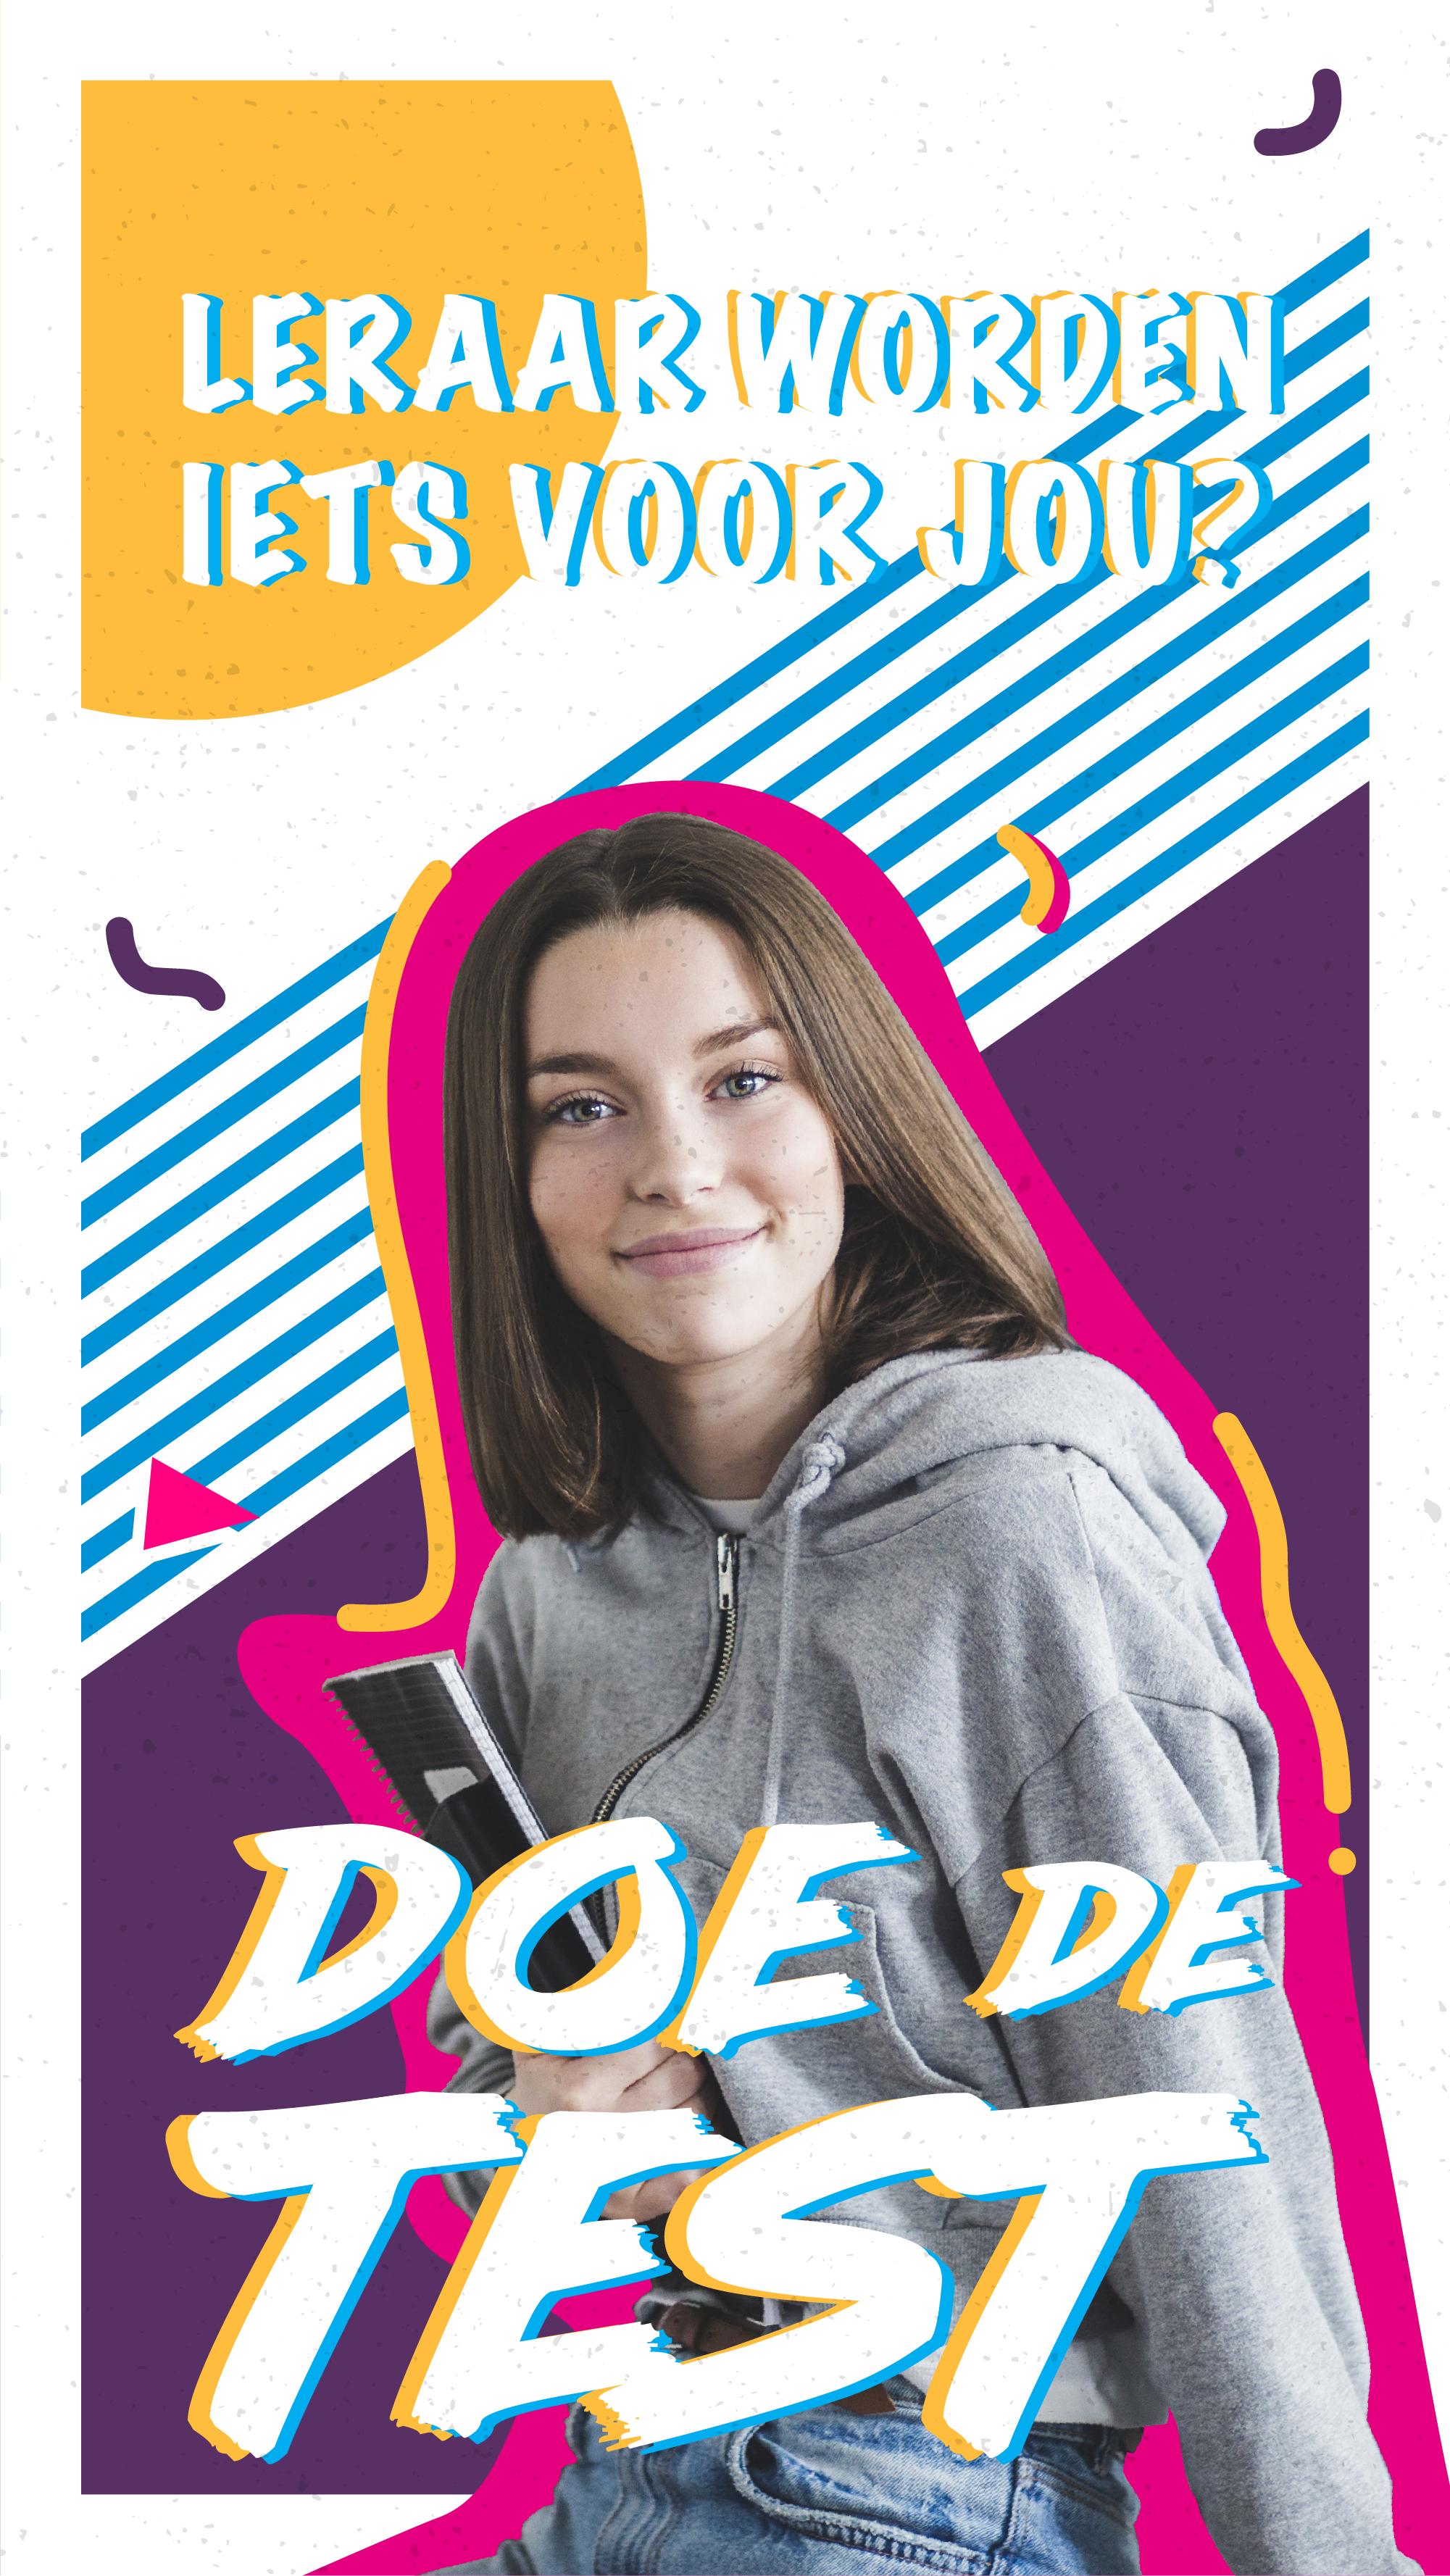 Fontys leraar-worden online game